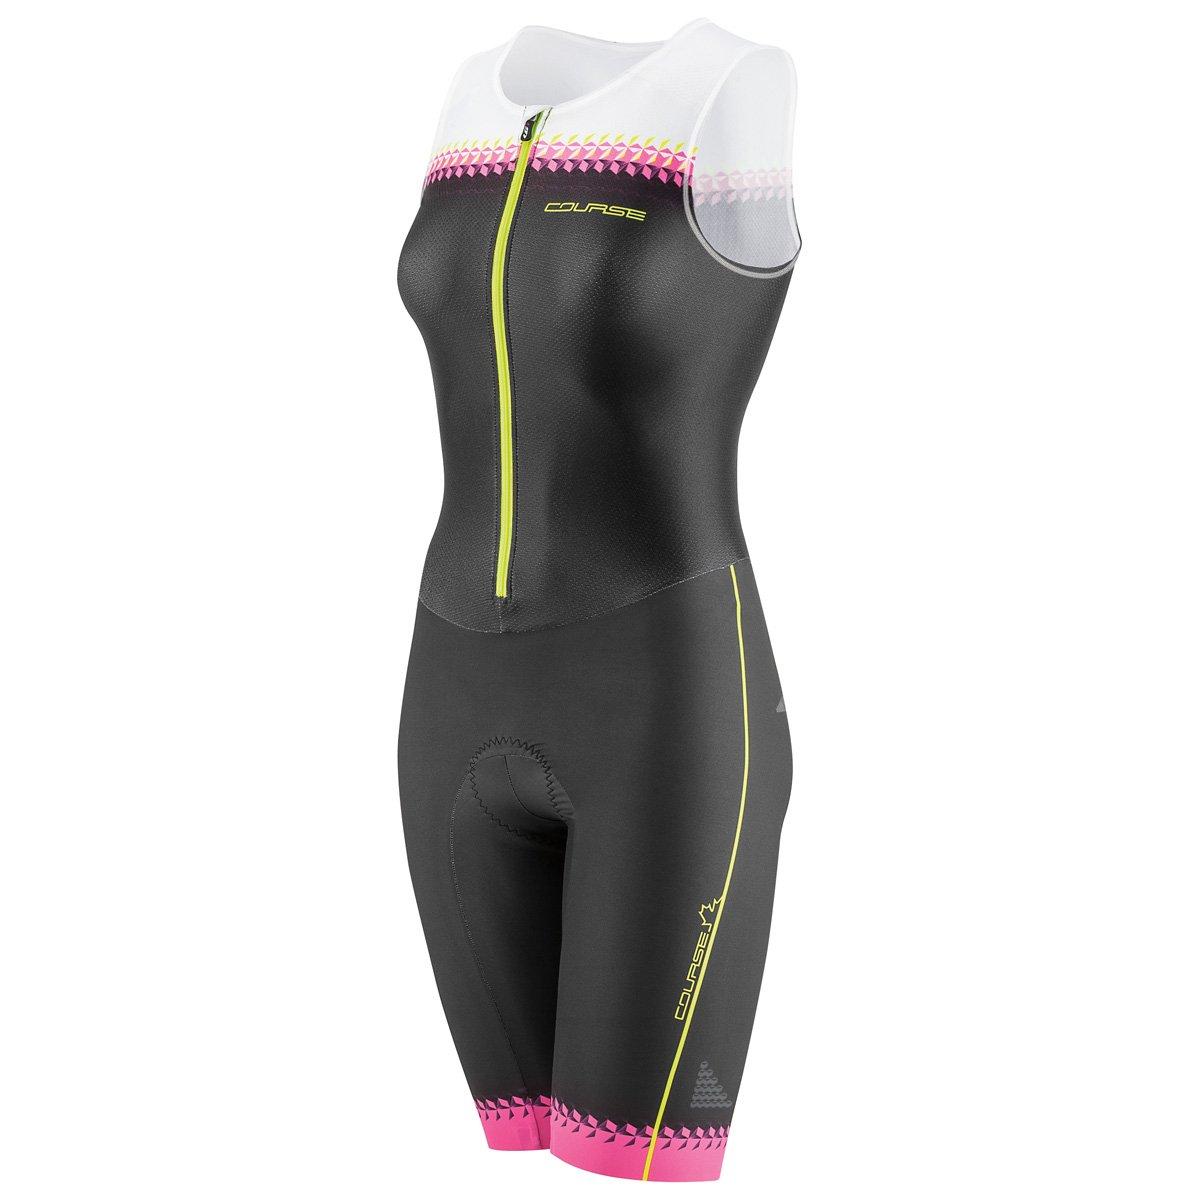 Louis Garneau Tri Course Club Suit - Women's Black/Pink Glow Large